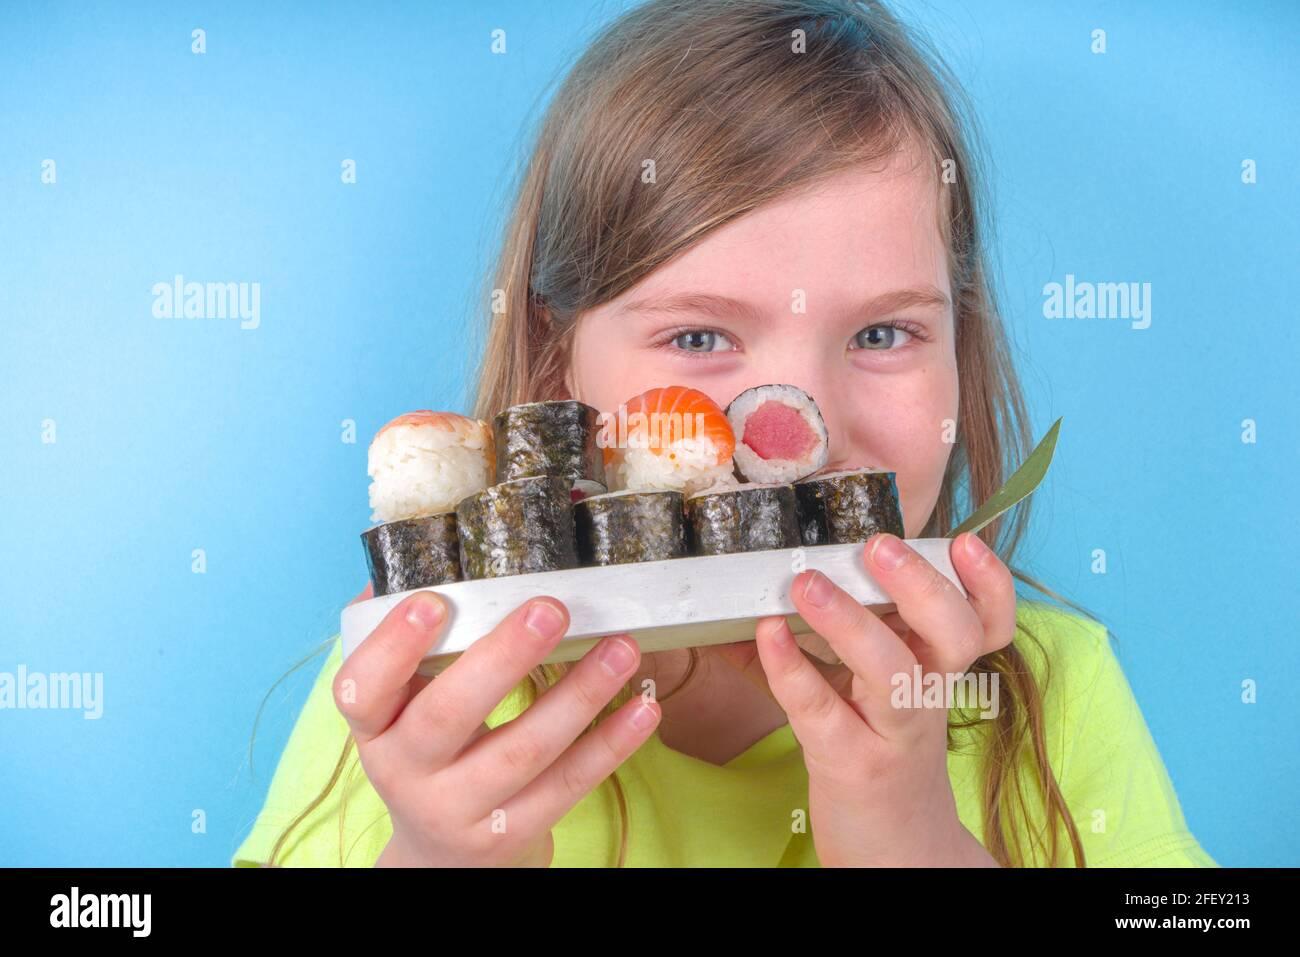 Carina bambina ama mangiare sushi. Allegra divertente caucasica bambina prescolare bionda con vari sushi roll e chopsticks. Su sfondo blu brillante Foto Stock